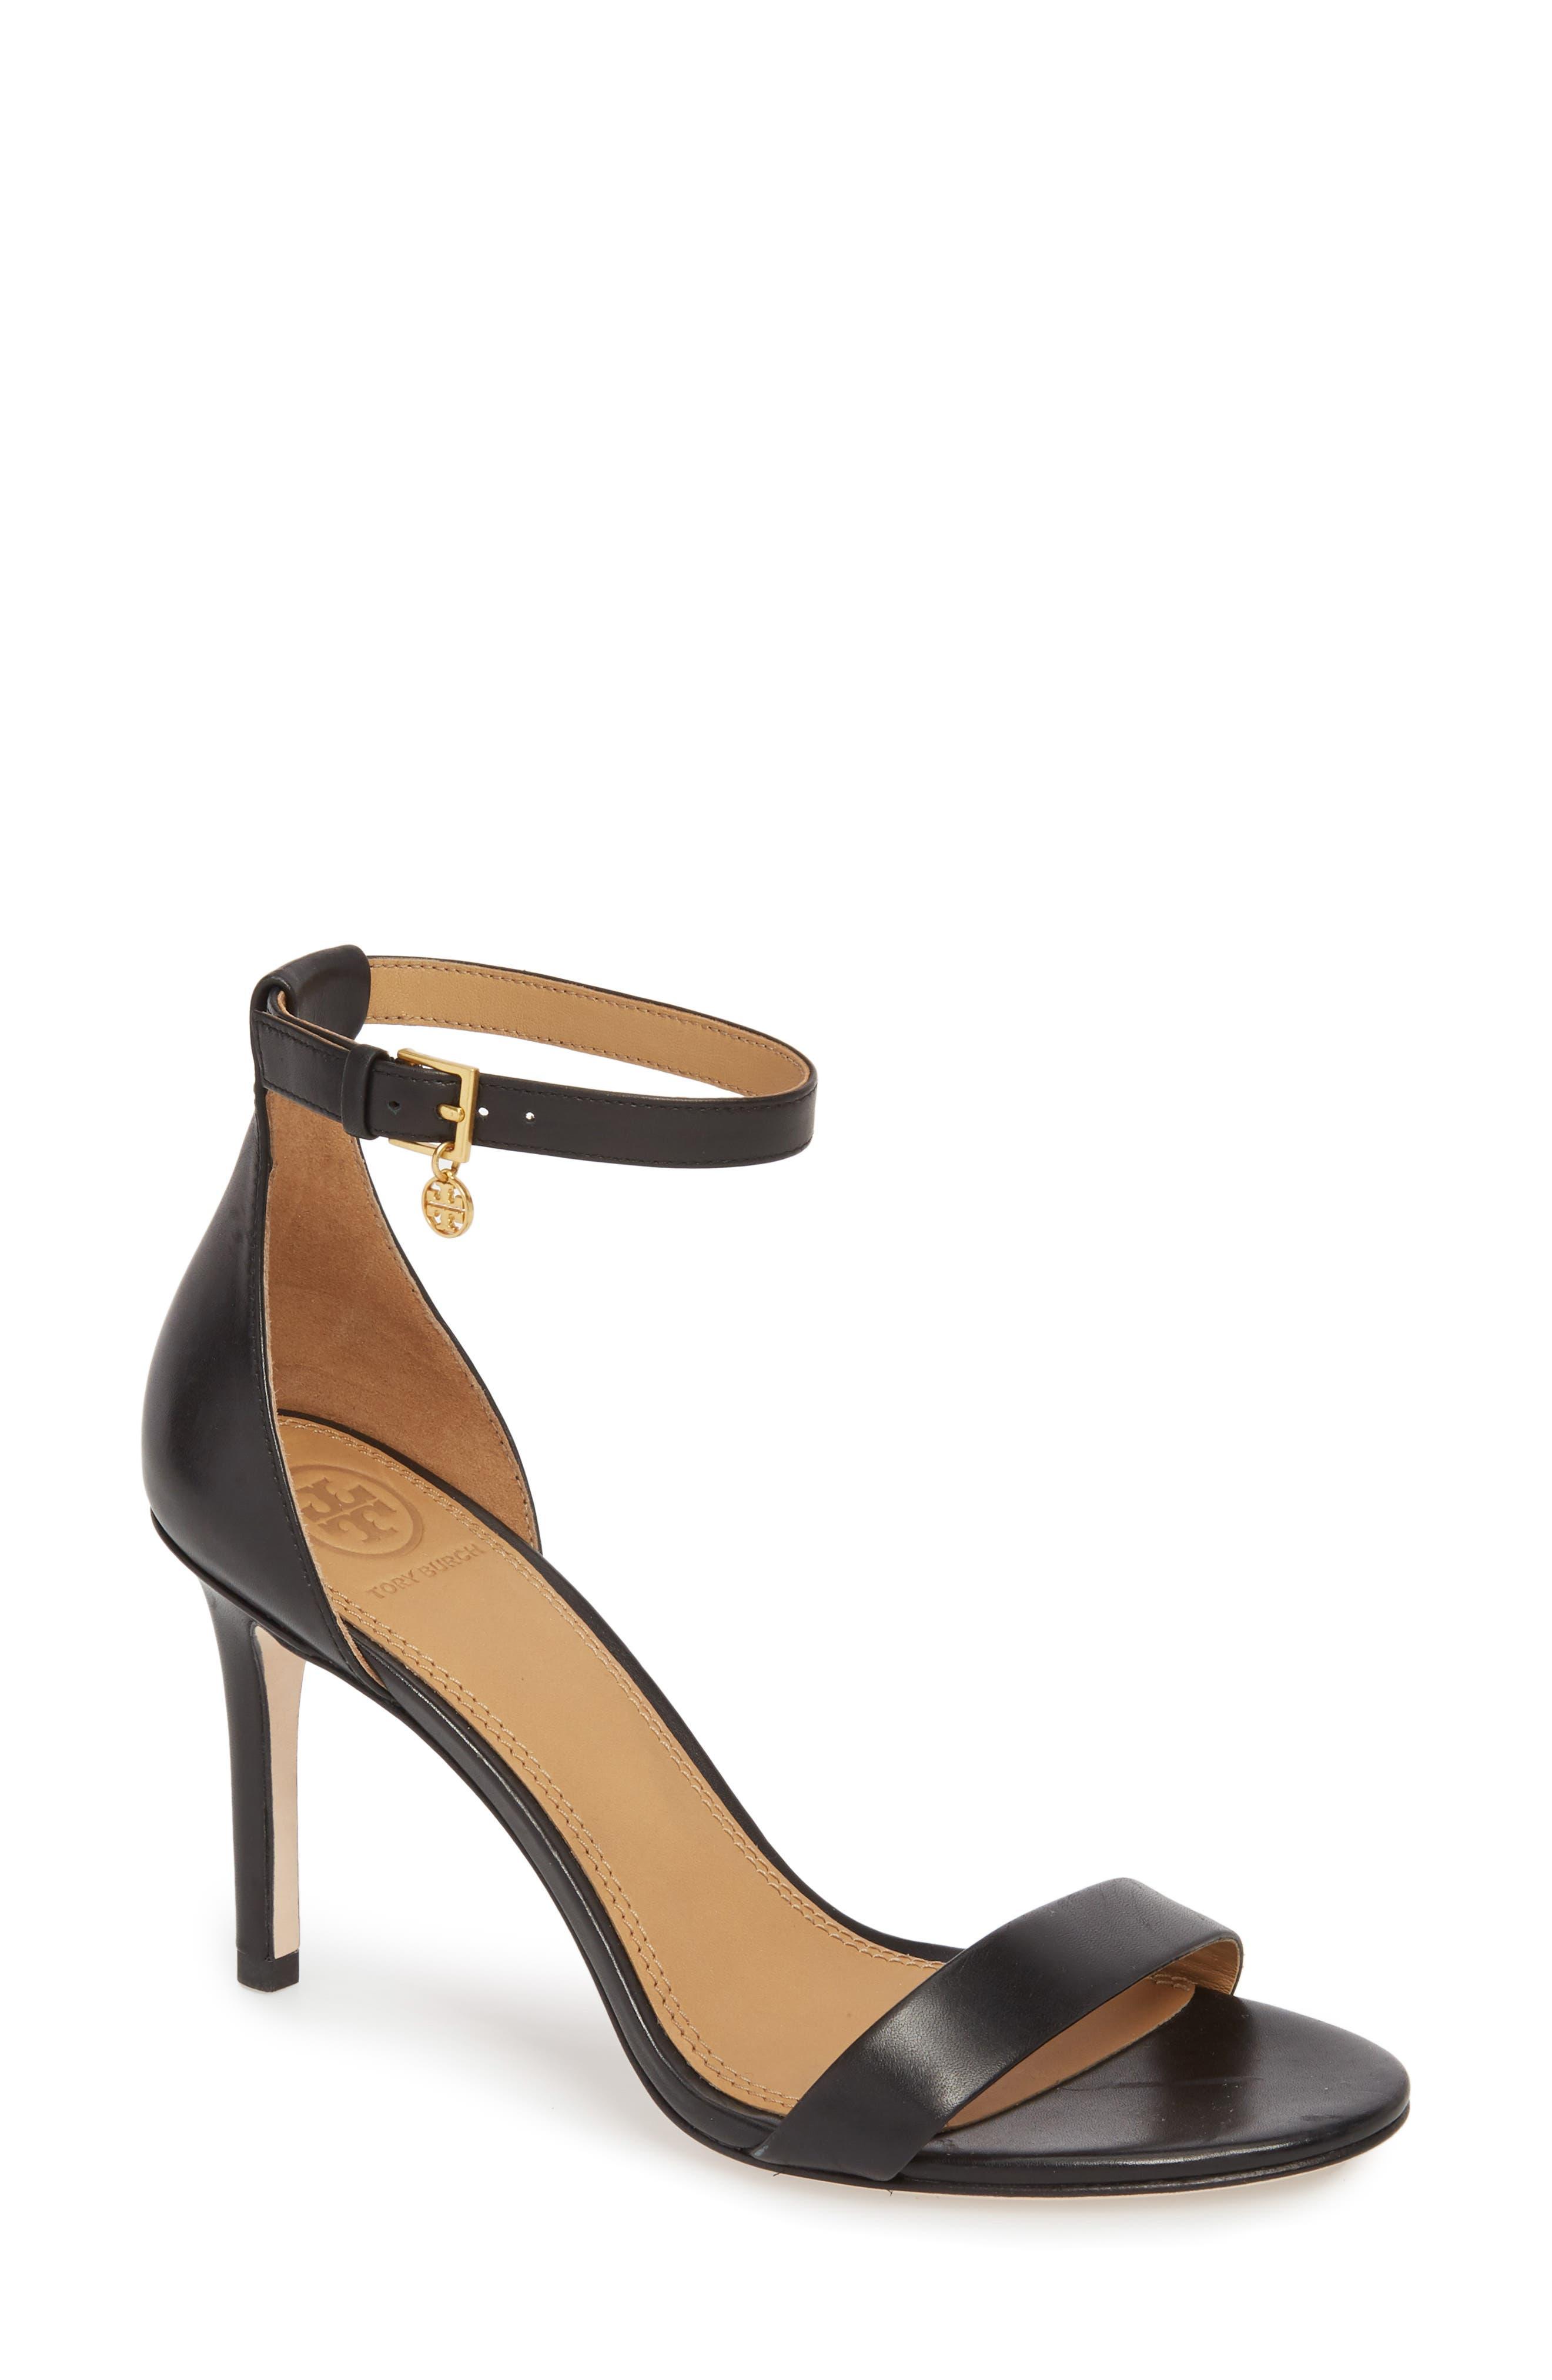 Ellie Ankle Strap Sandal,                         Main,                         color, Black Leather